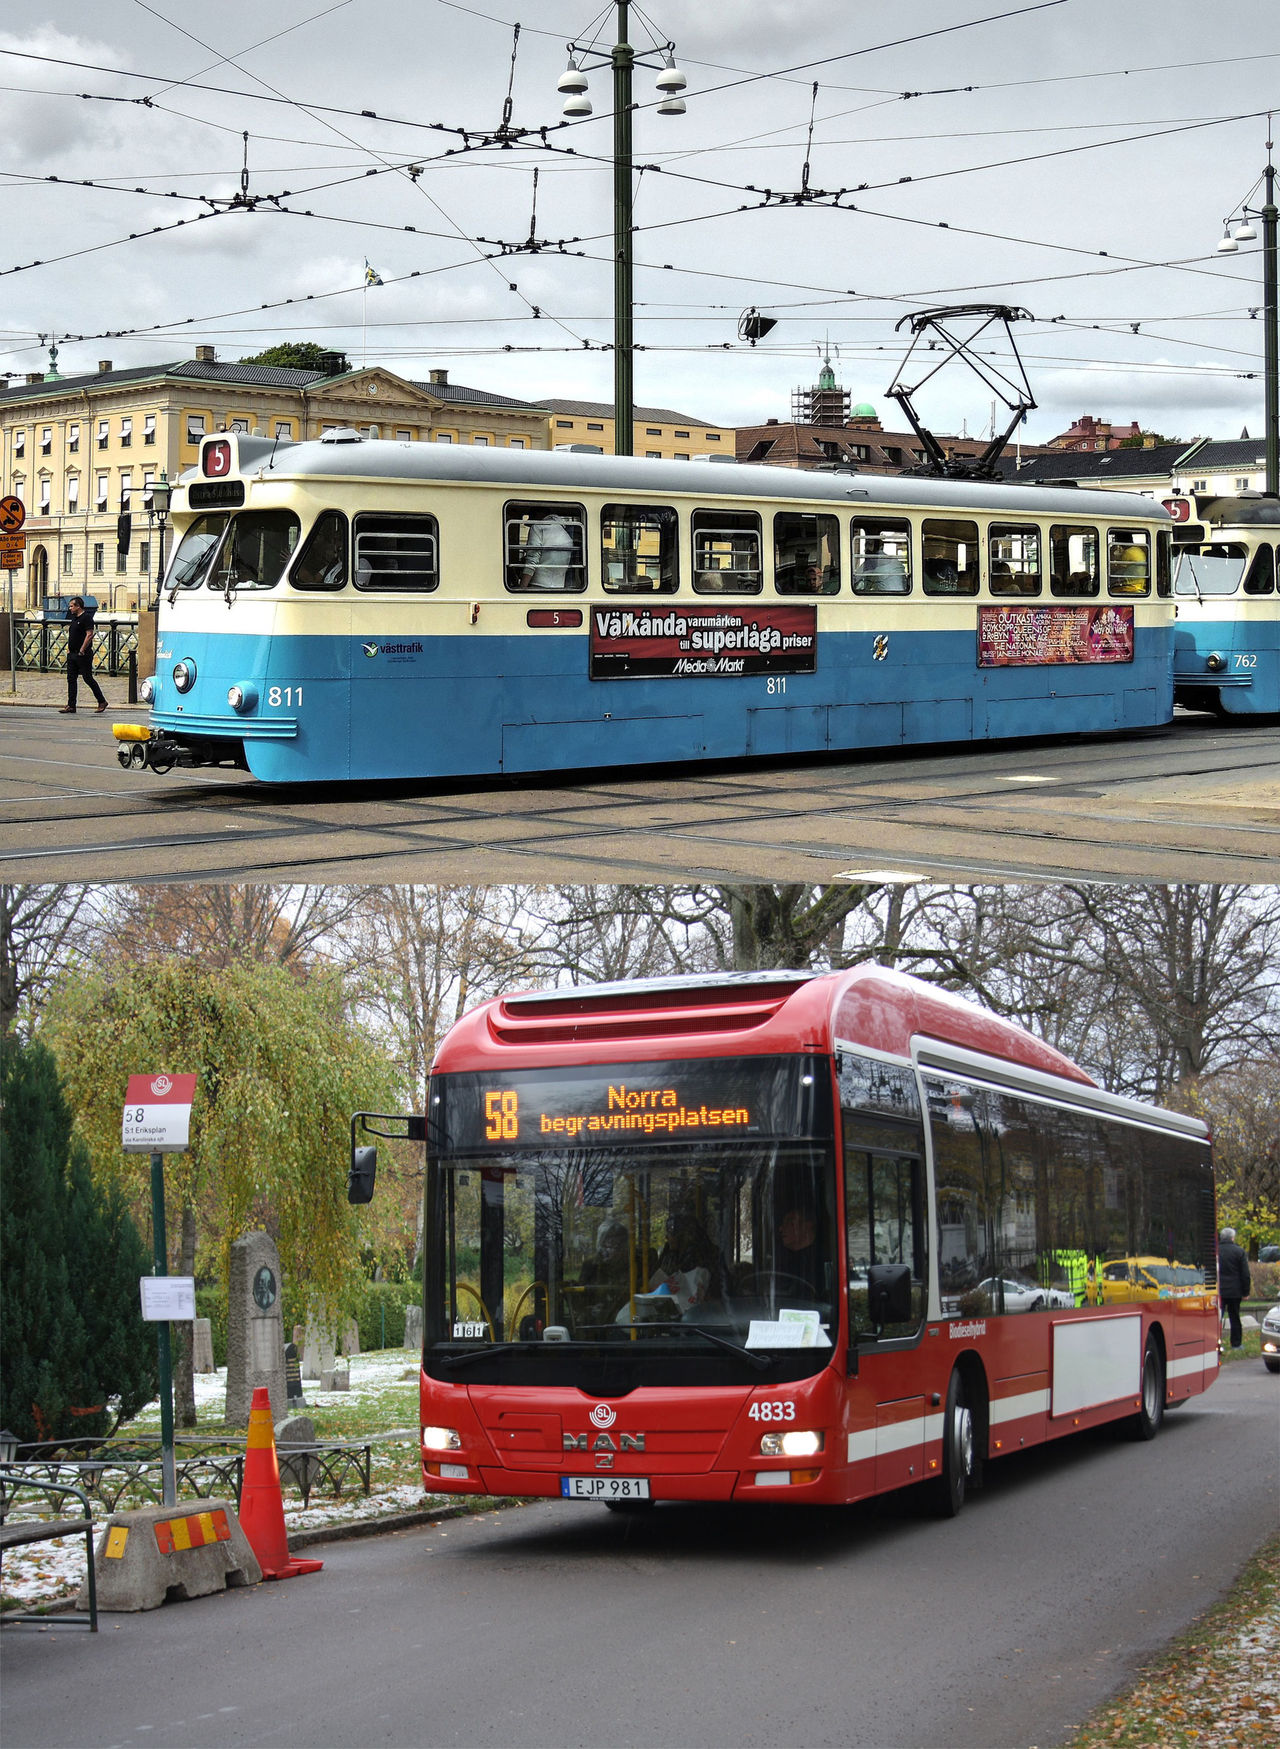 Annonsfirma räknade på spårvagn istället för buss